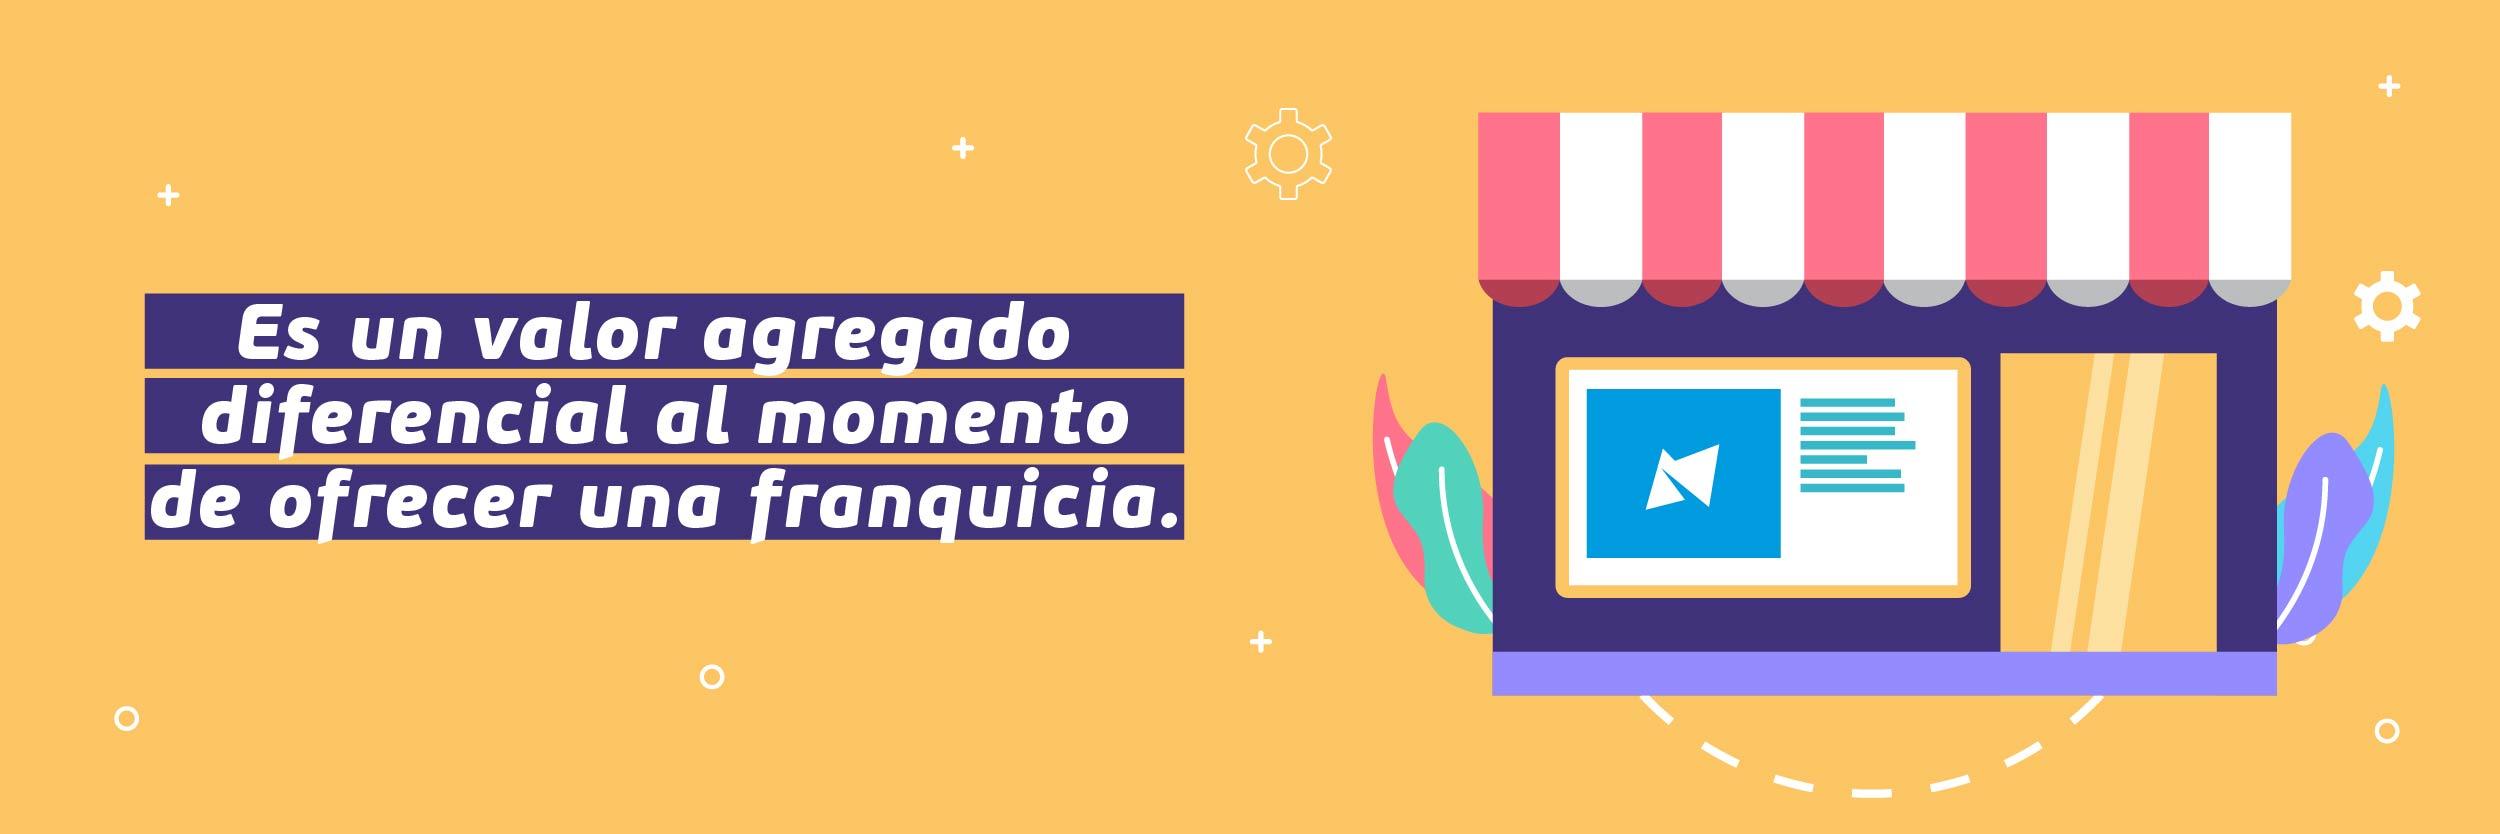 nota franquicia 30_1-05